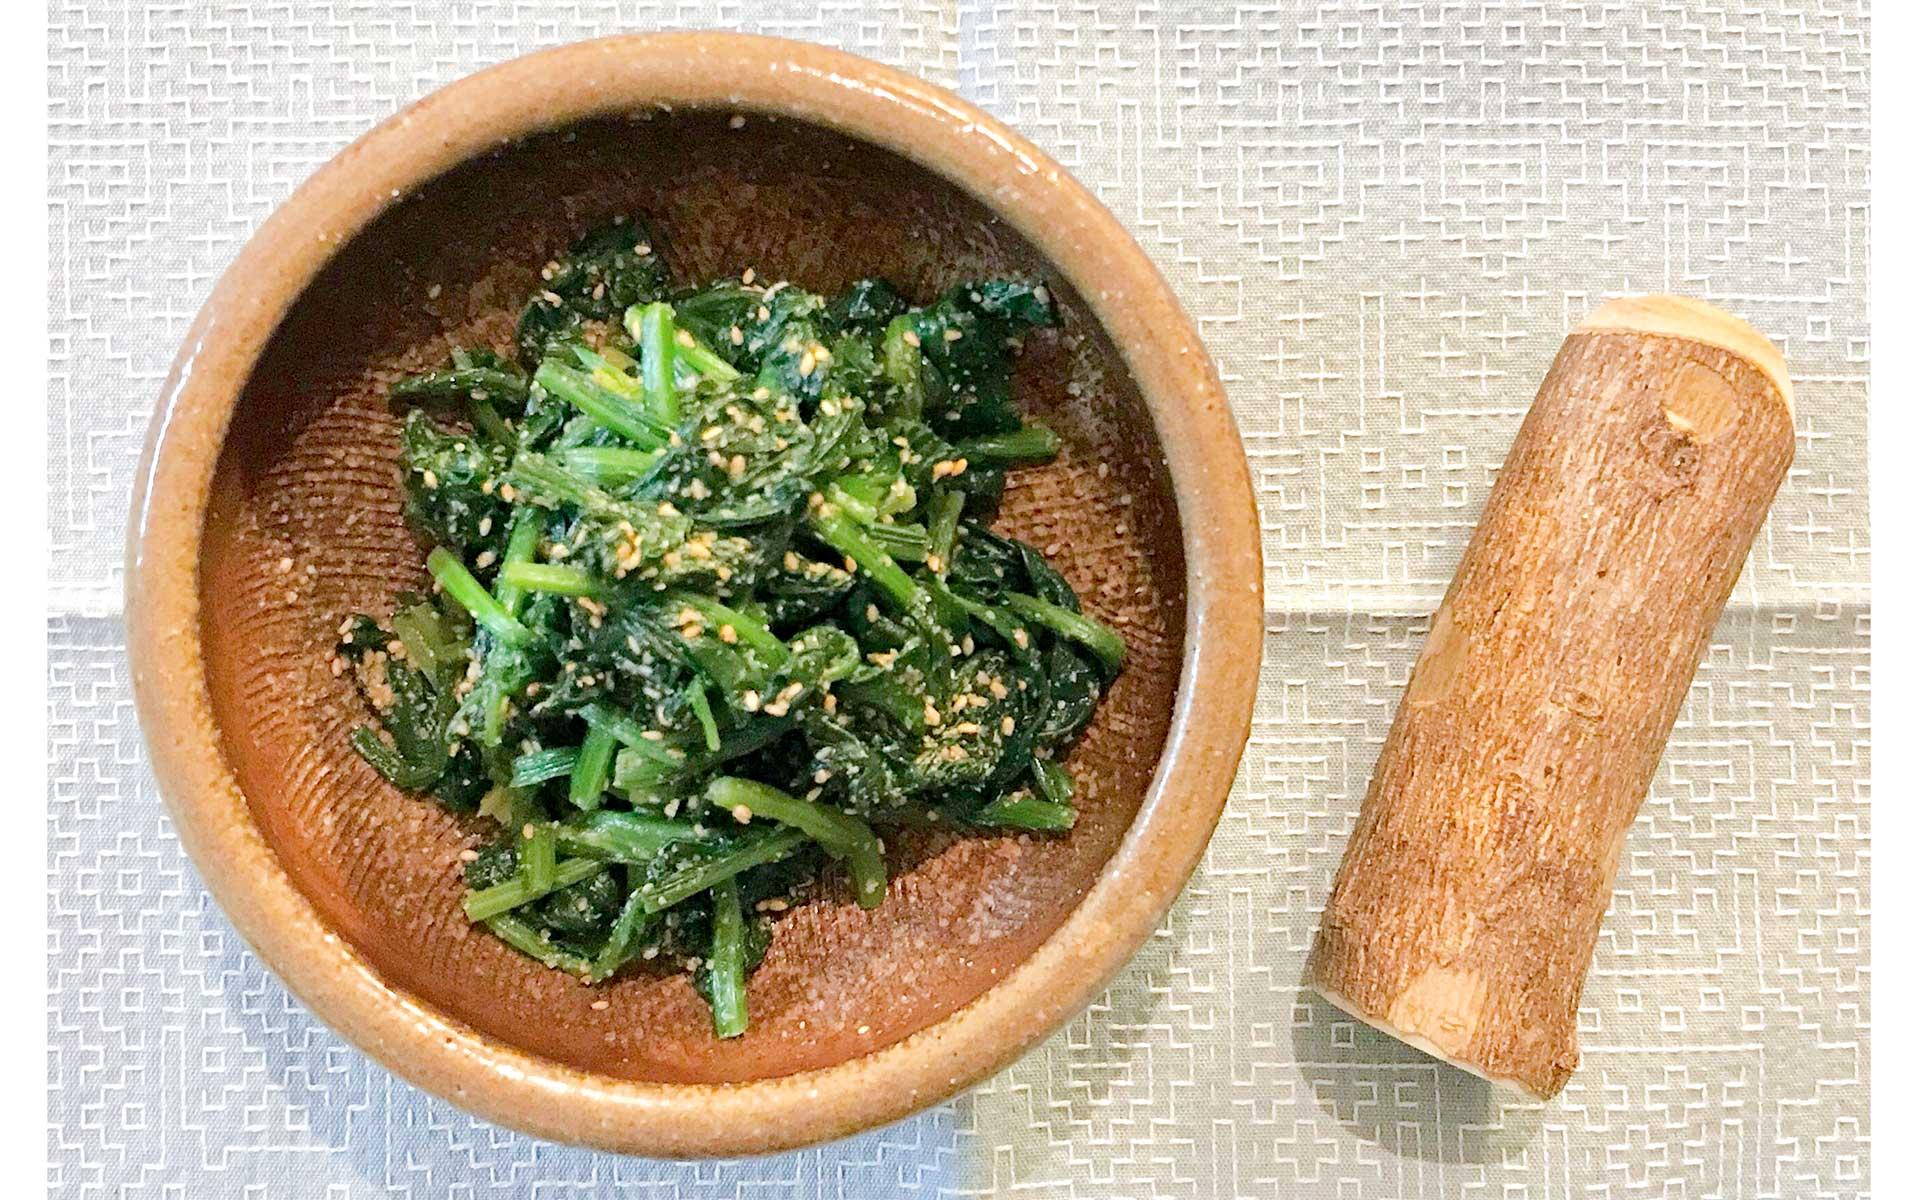 離乳食作りから生まれた使いやすさ。「備前焼・一陽窯のすり鉢」